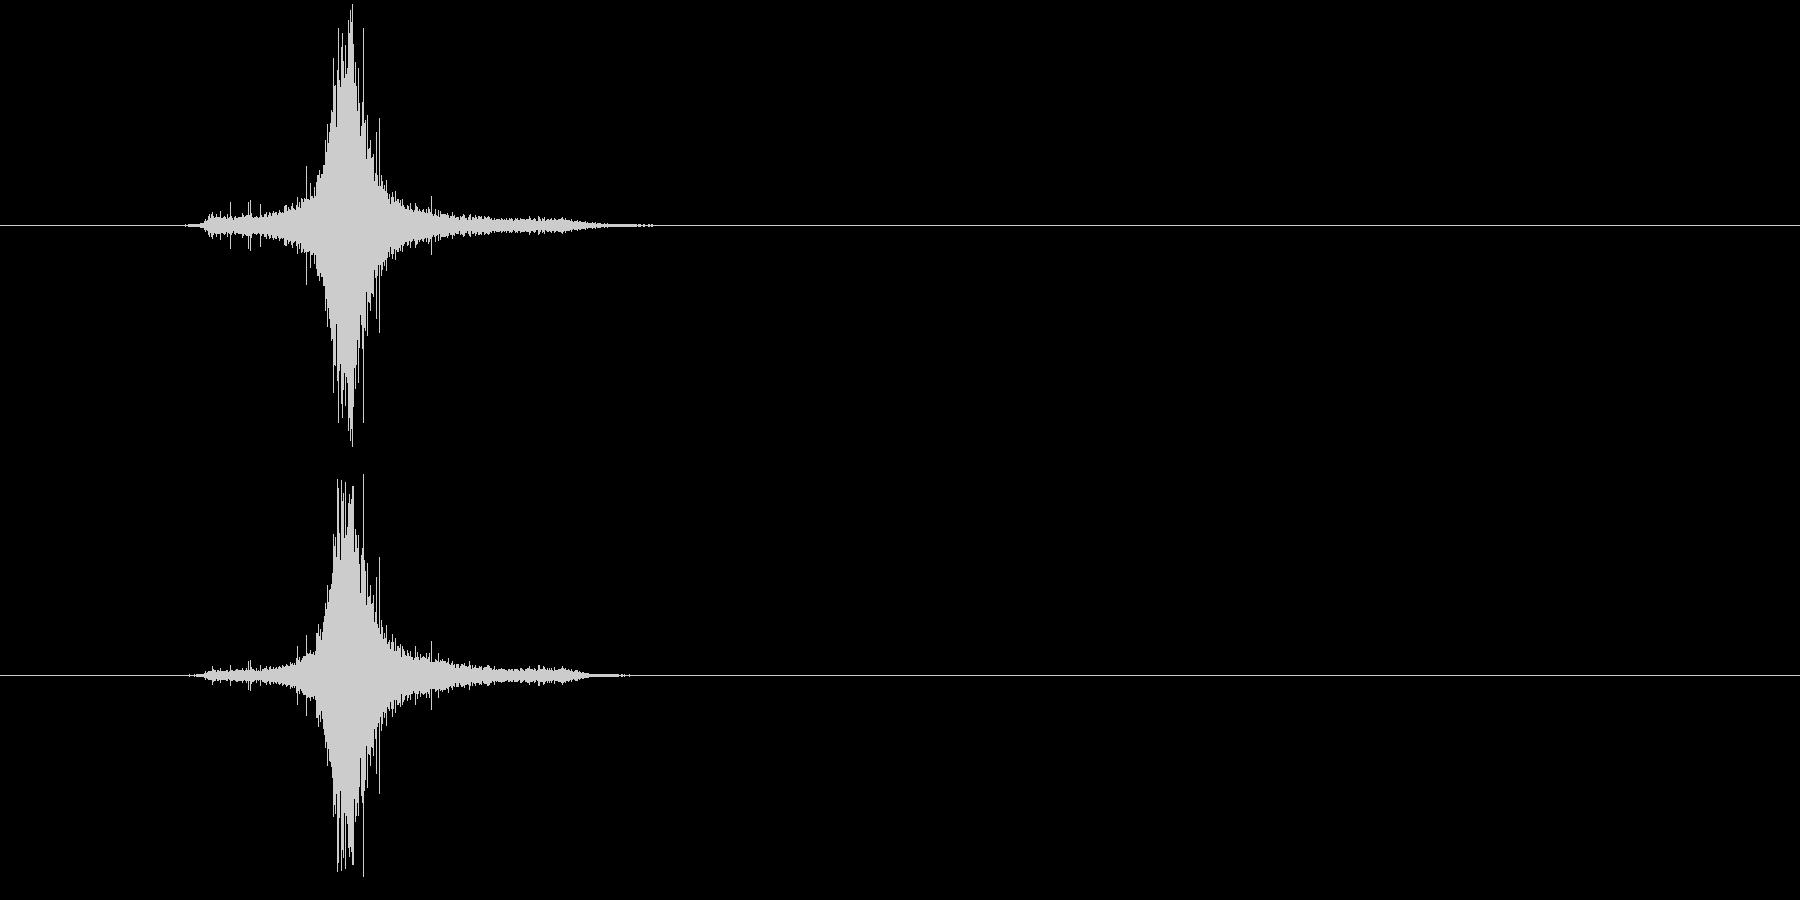 花火ロケット打ち上げの未再生の波形